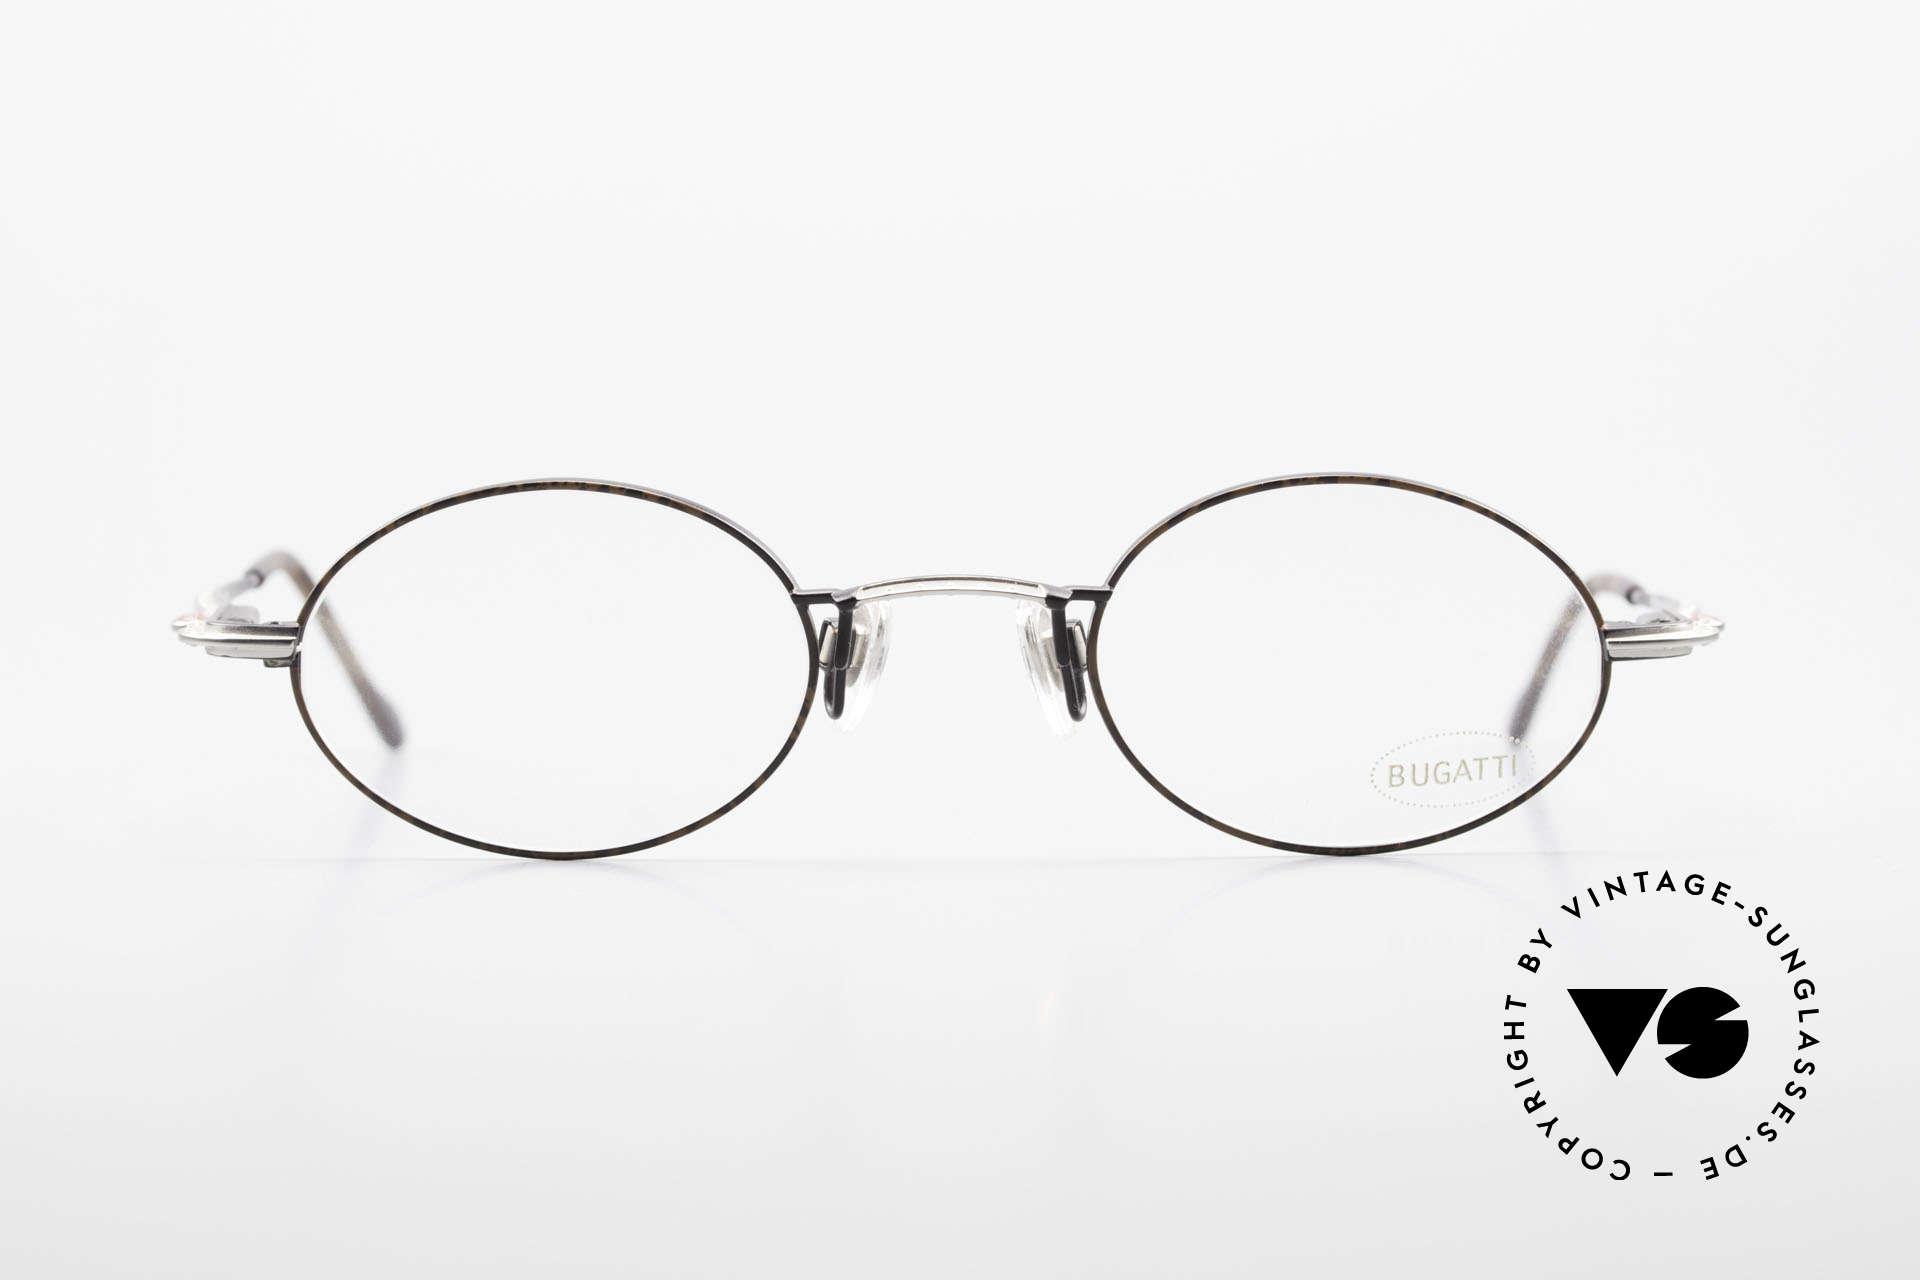 Bugatti 23191 Ovale Luxus Brillenfassung, circa Mitte der 90er J. in Frankreich produziert, Passend für Herren